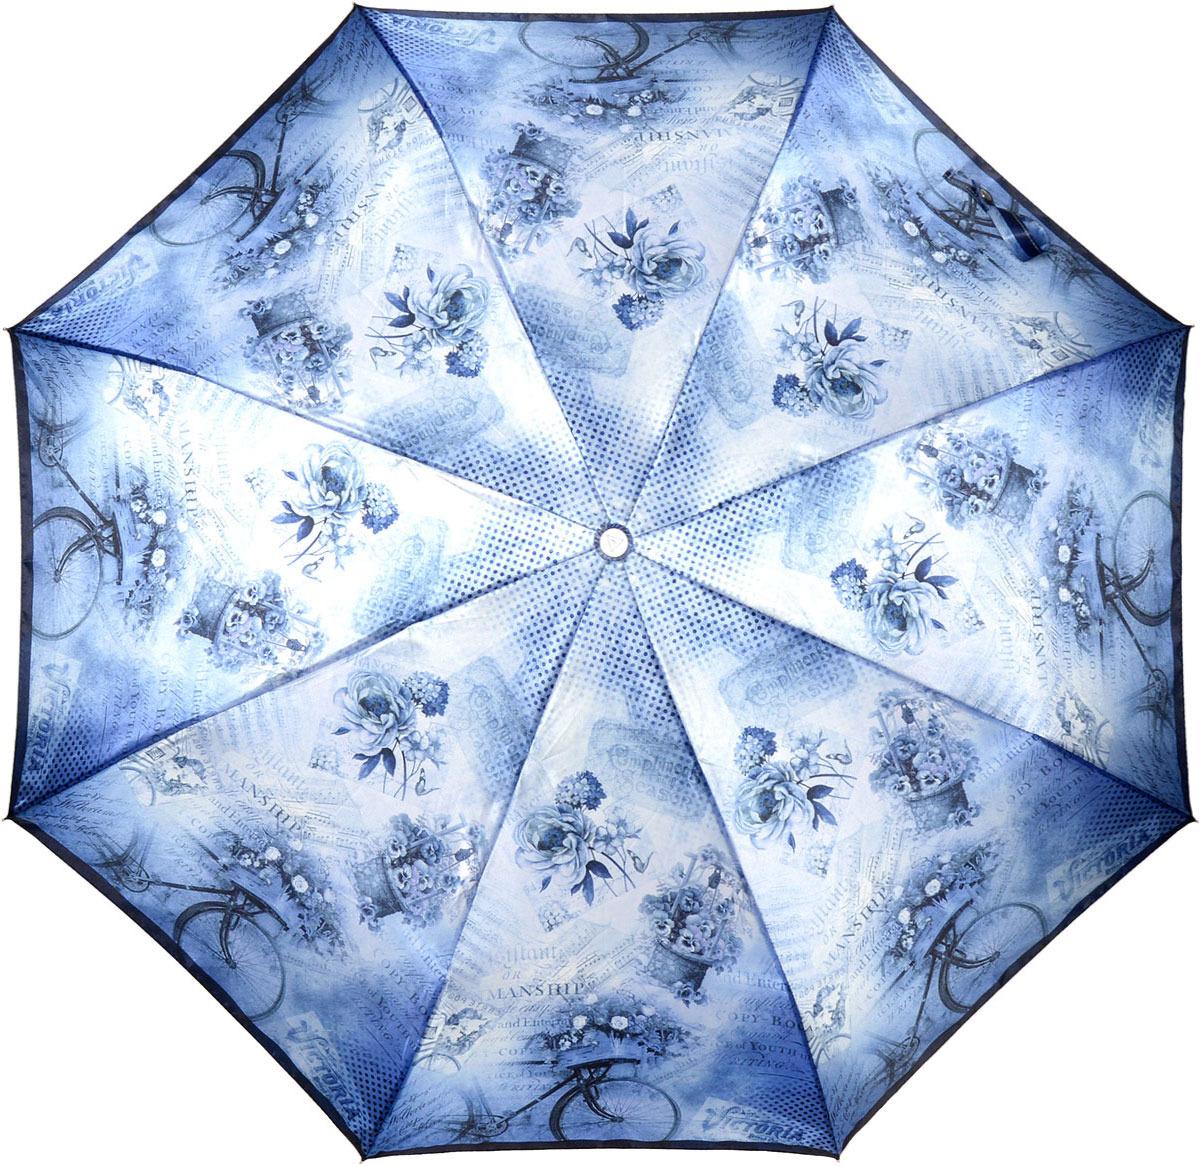 Зонт женский Fabretti, автомат, 3 сложения, цвет: голубой. L-18114-4 зонт airton 3917 8028 полный автомат женский